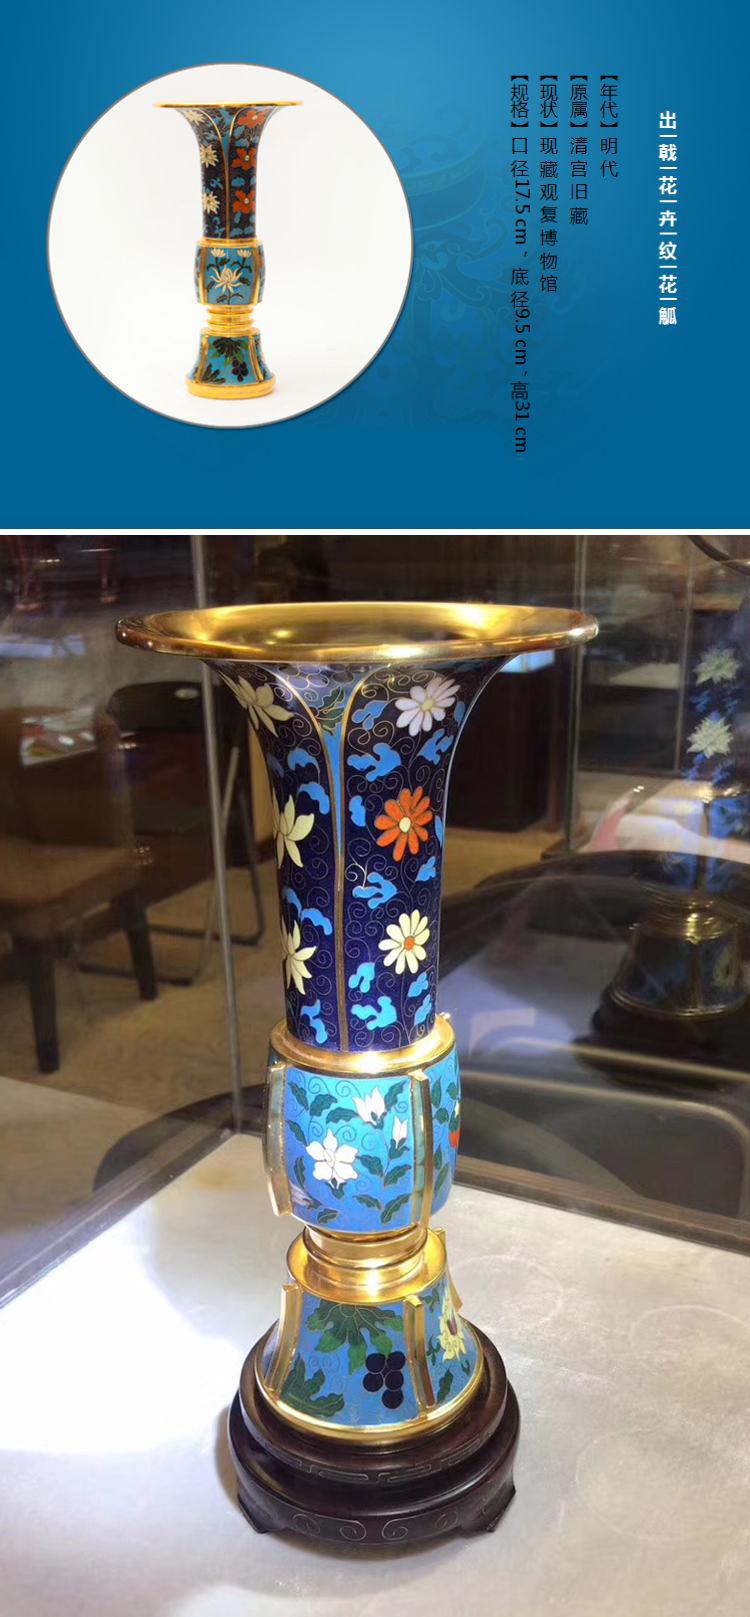 珐琅,珐琅彩瓷,景泰蓝,景泰蓝价格,景泰蓝是哪里的工艺,